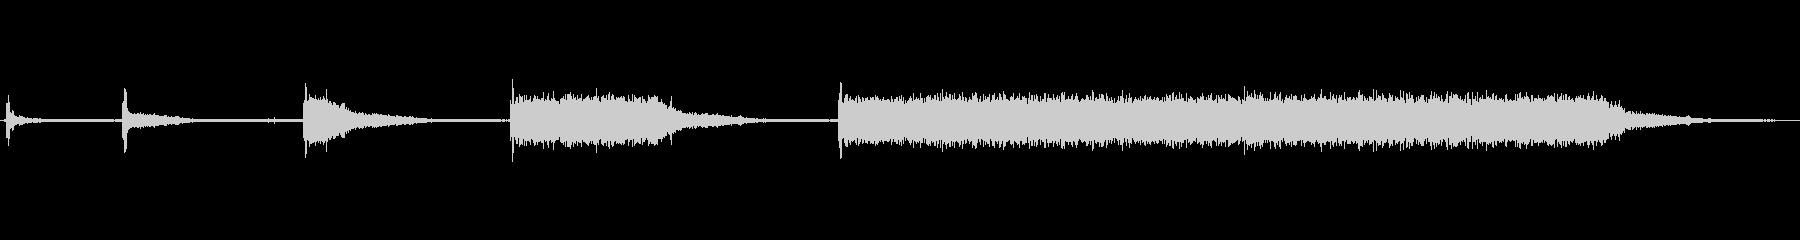 カッターボード、マシン、ビッグ、ク...の未再生の波形